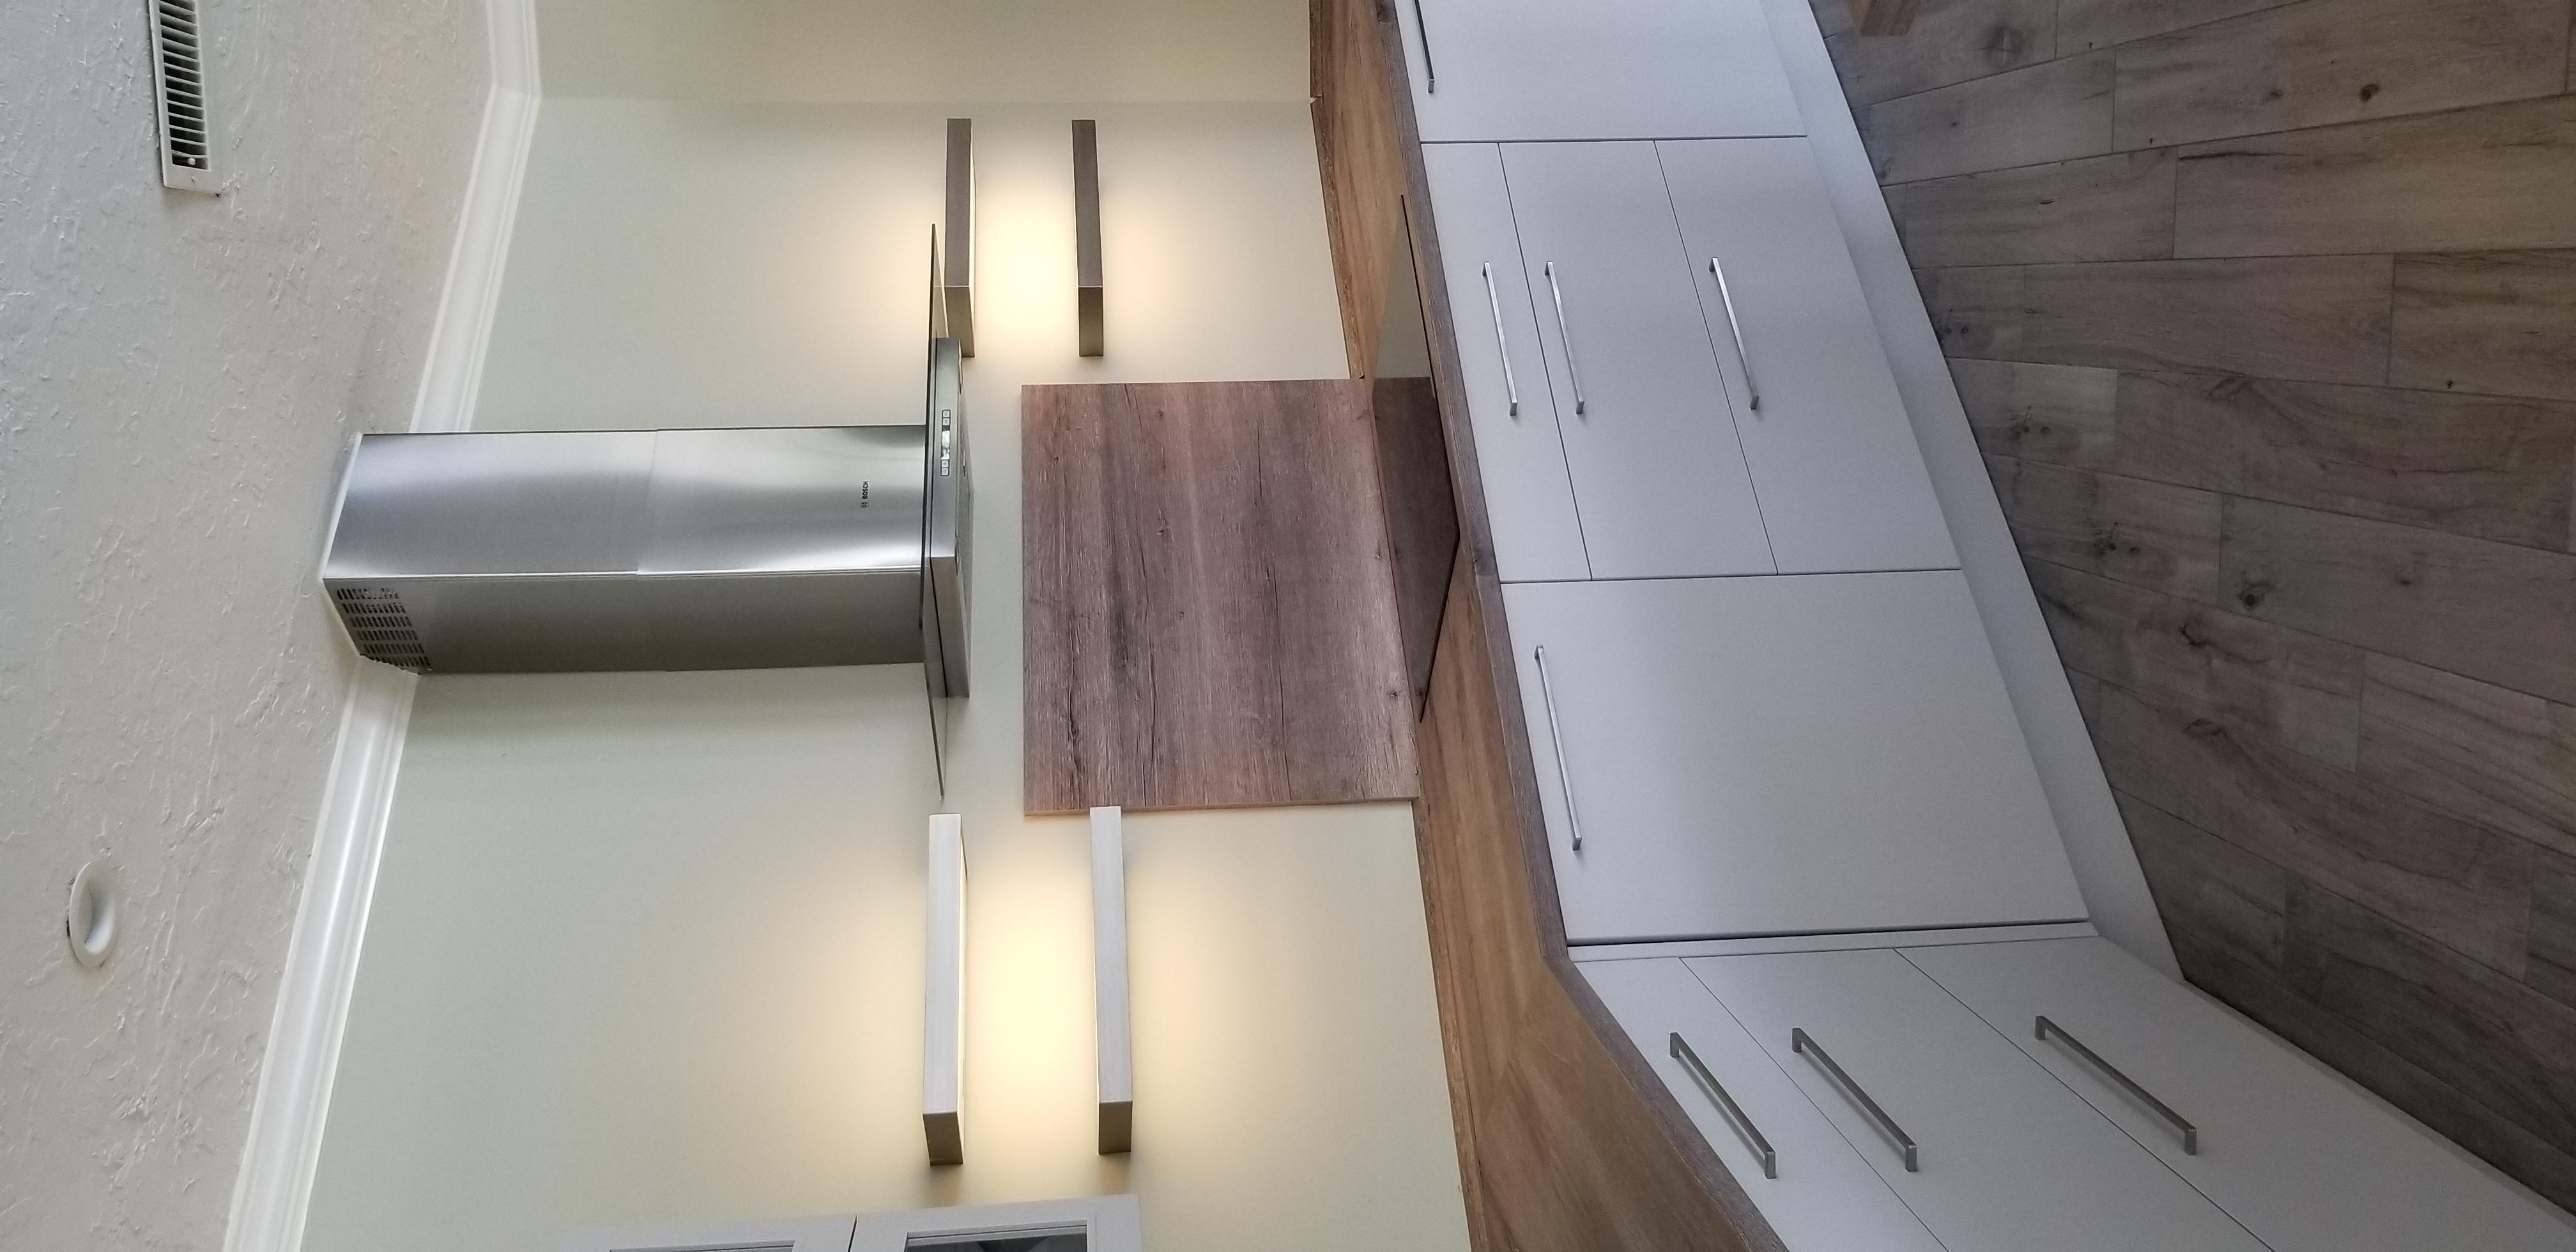 kitchen backsplash made in Germany